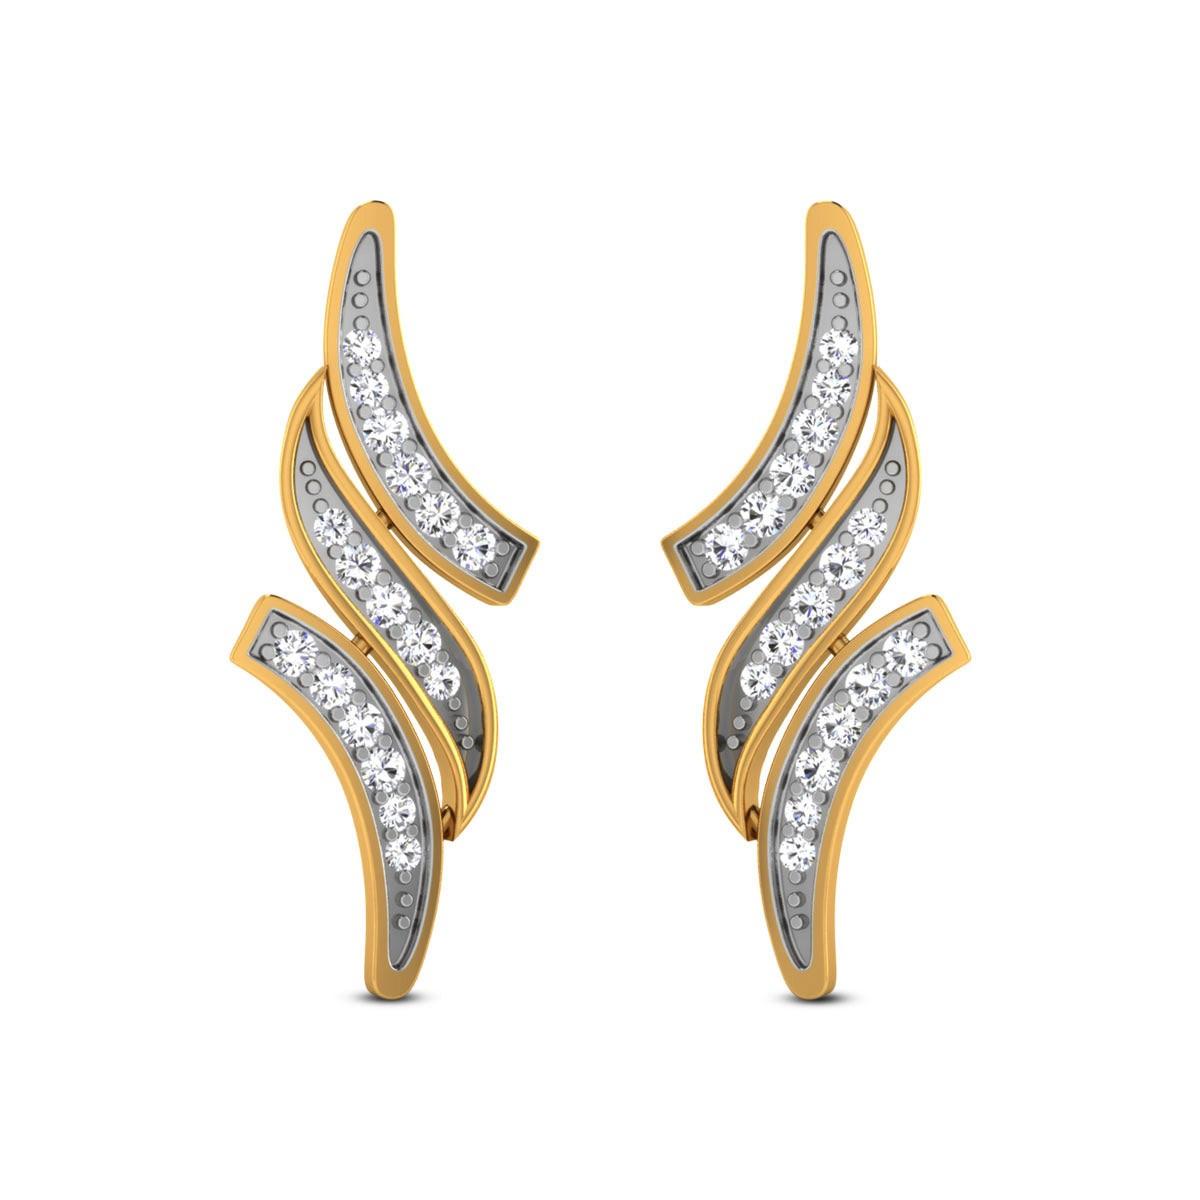 Grecy Diamond Stud Earrings